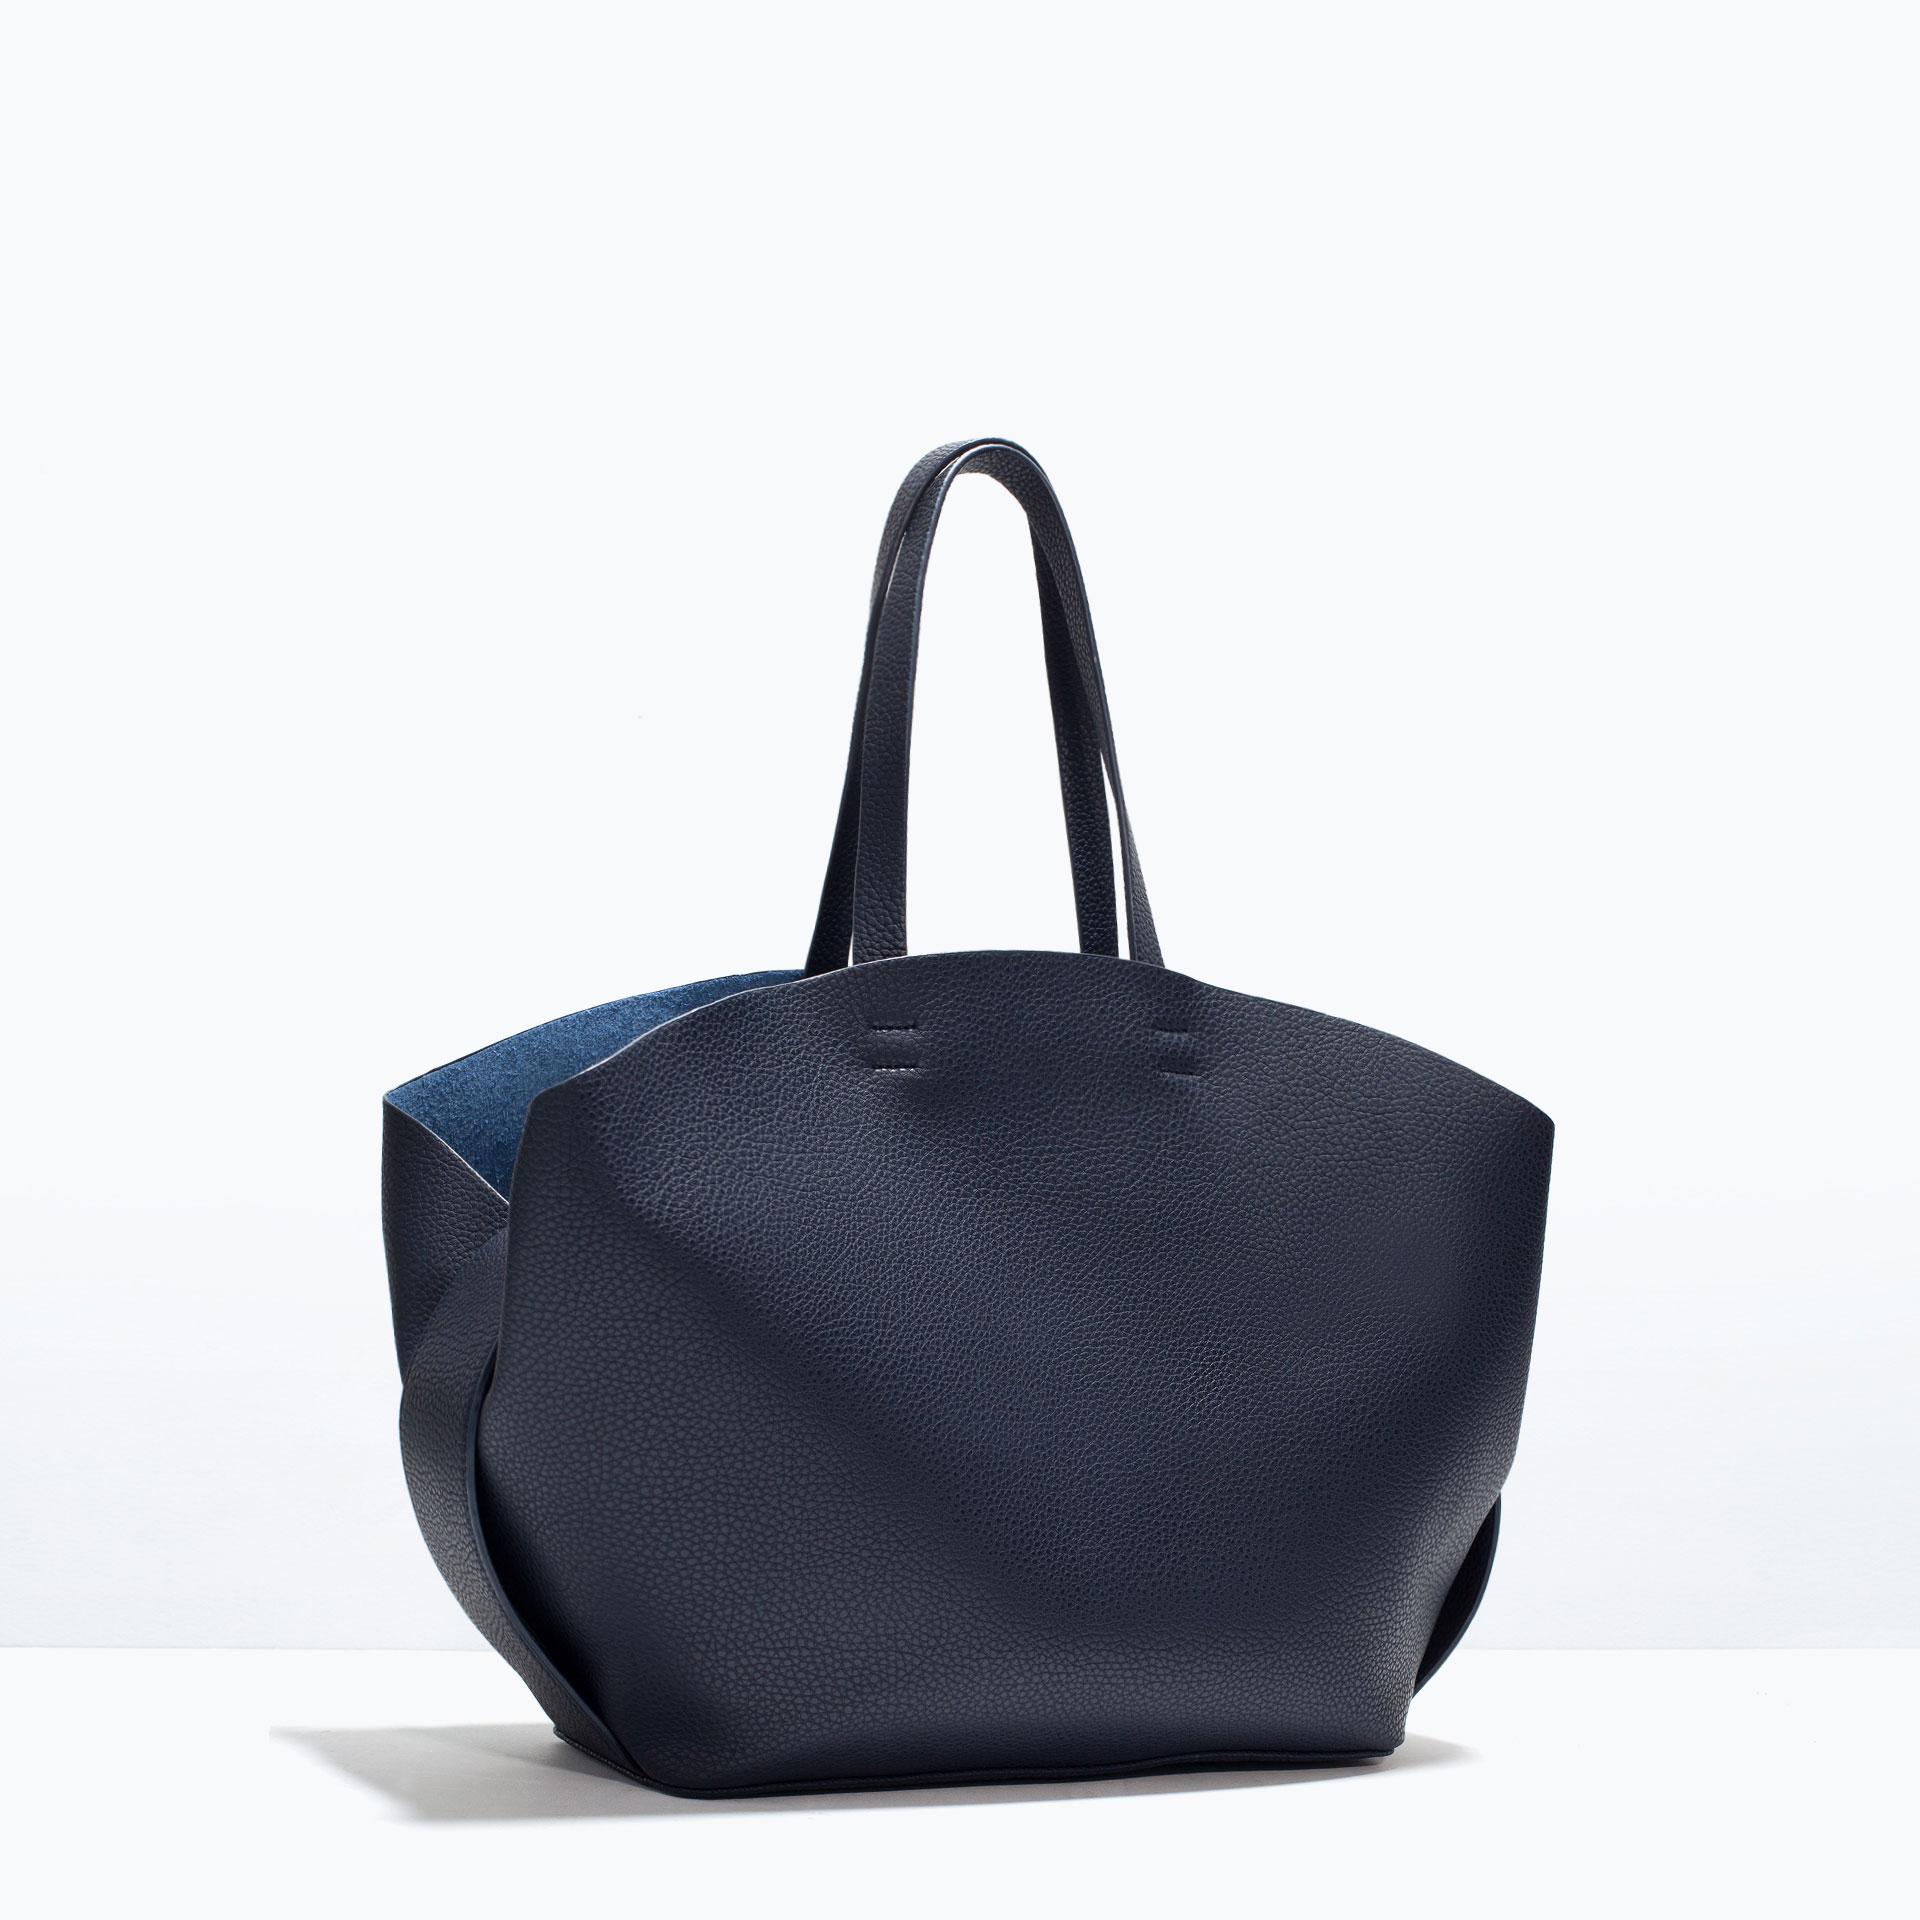 Zara Shopper Bag with Contrast Interior